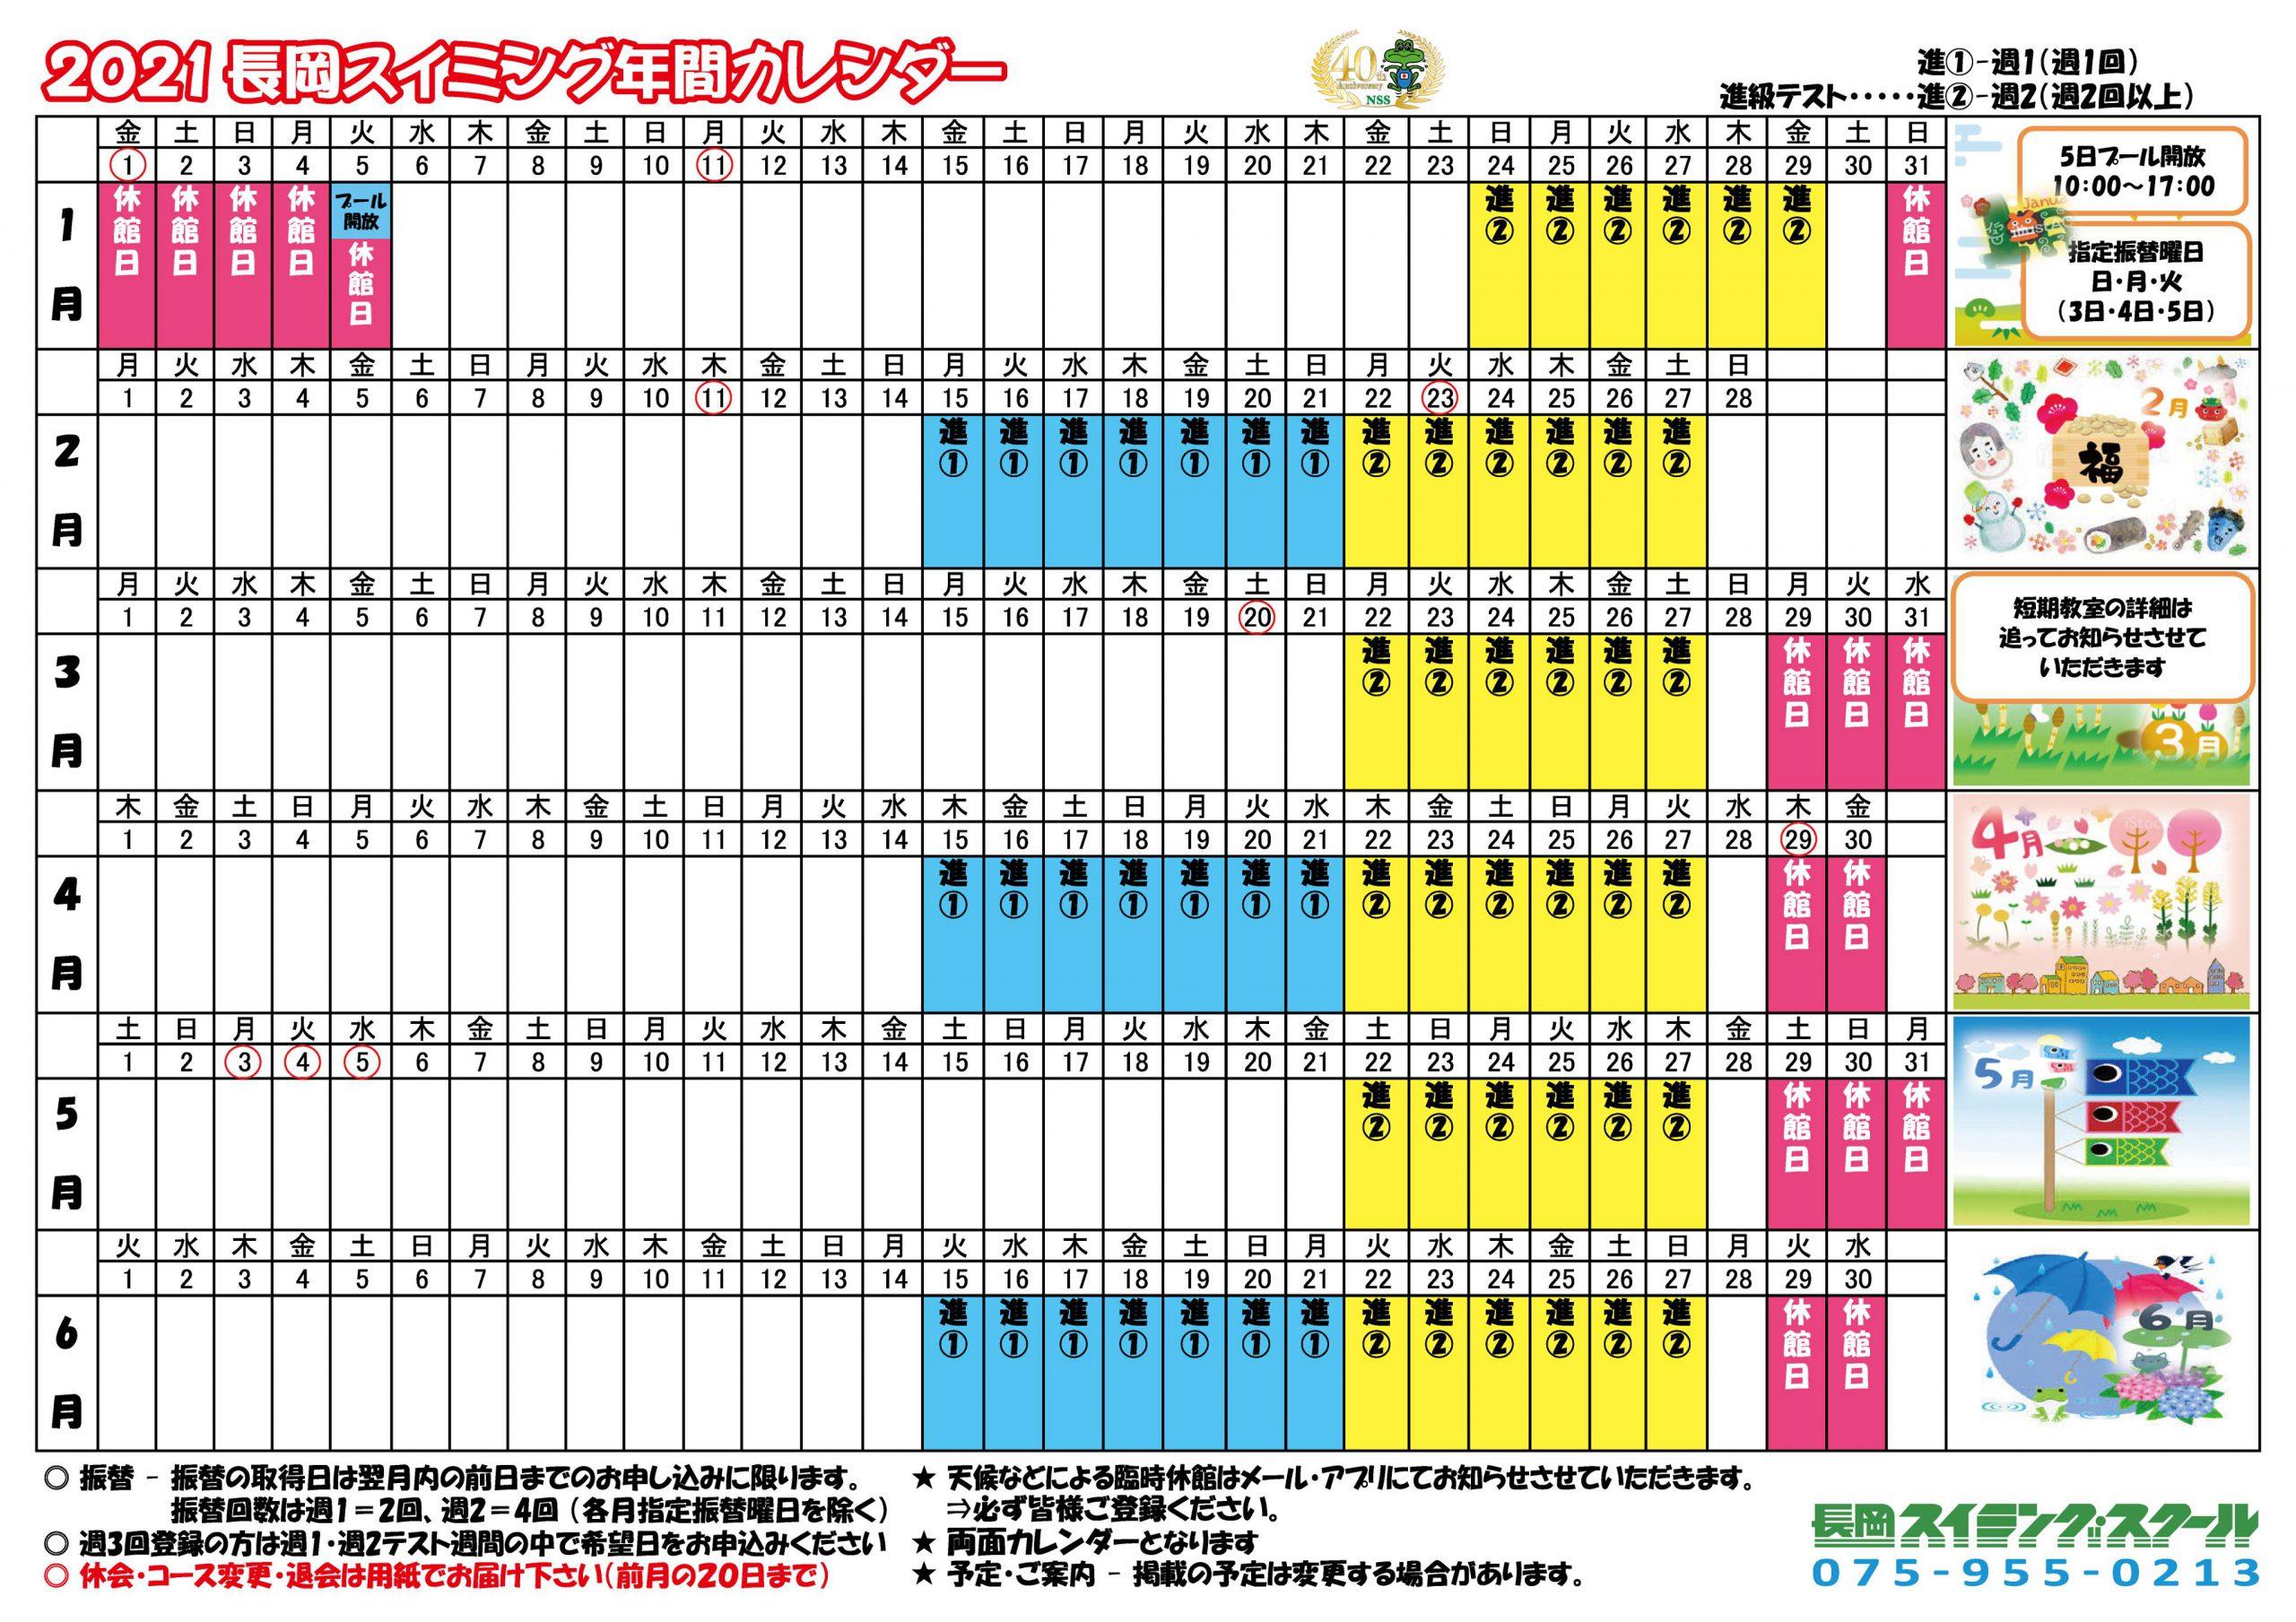 2021年度スクールカレンダー